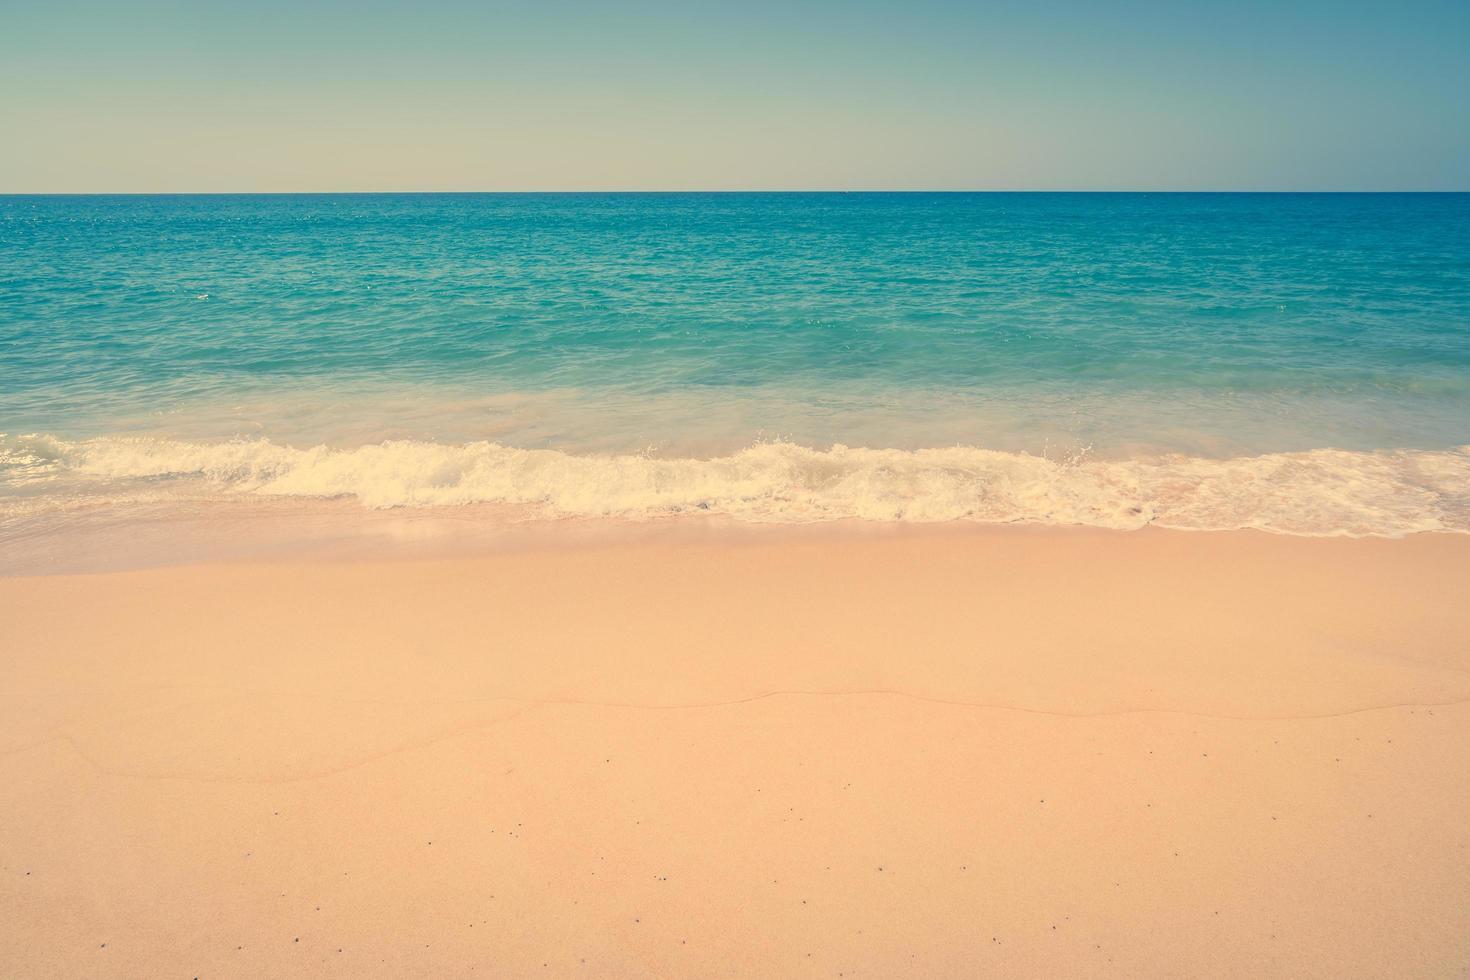 schöner Sandstrand und Meer foto